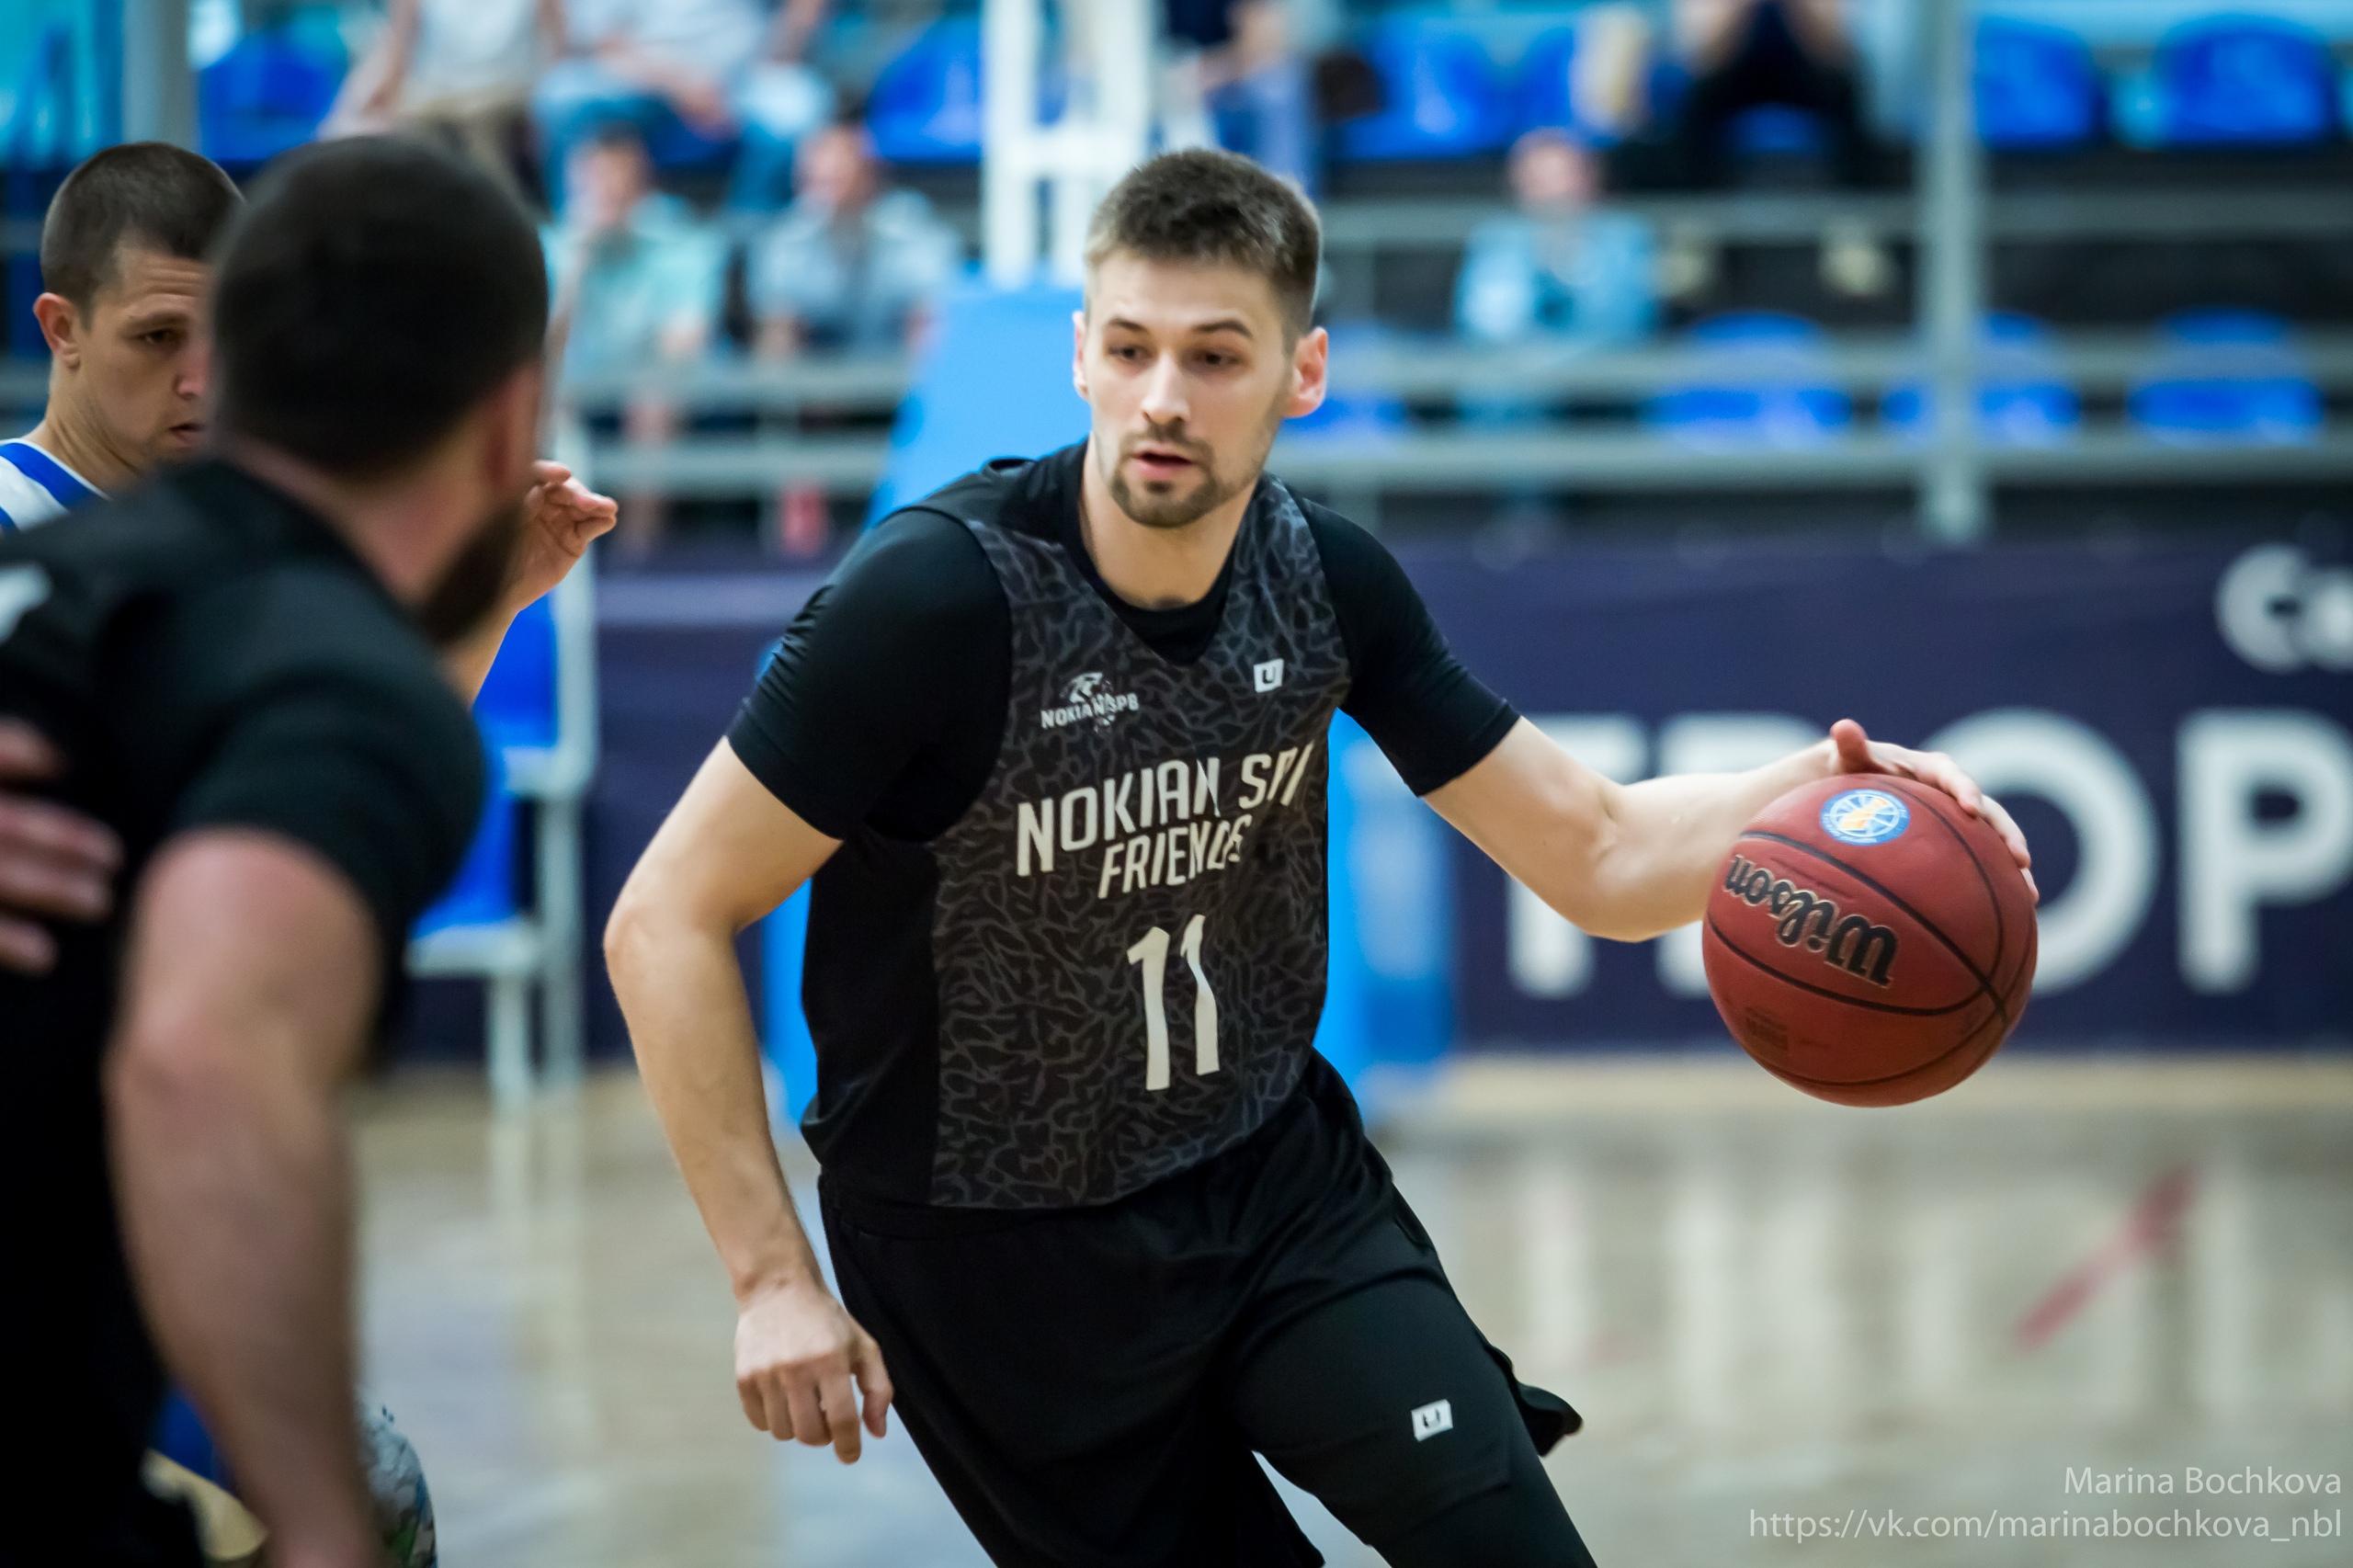 Сергей Худяков, самый полезный игрок Шестого Дивизиона сезона 2019-2020